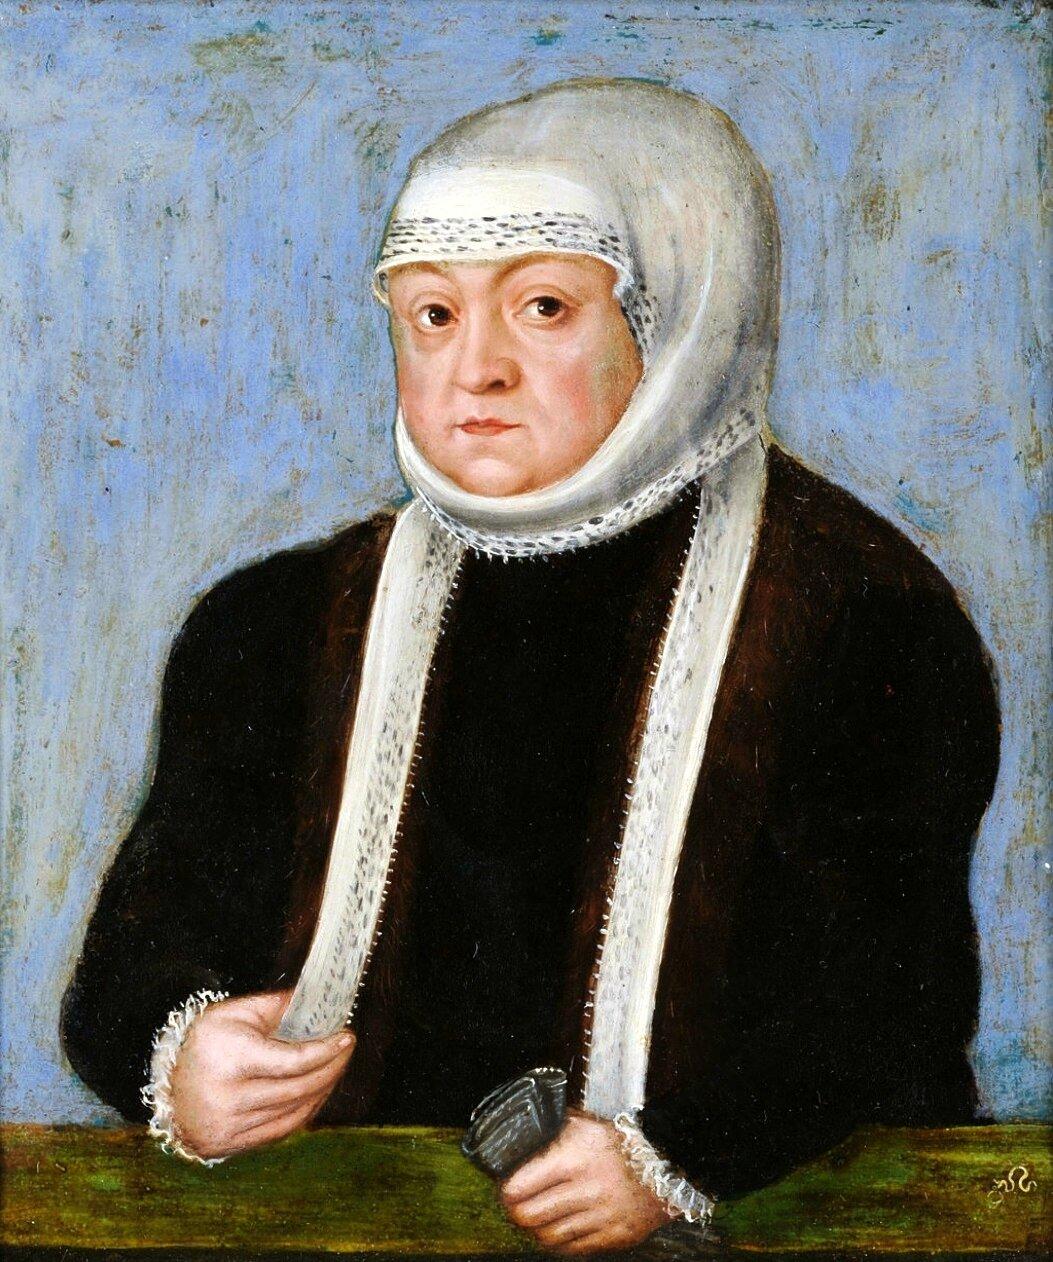 Bona Sforza – królowa iżona Zygmunta Starego Źródło: Lucas Cranach Młodszy, Bona Sforza – królowa iżona Zygmunta Starego, około 1553, olej na blasze, Muzeum Czartoryskich, domena publiczna.